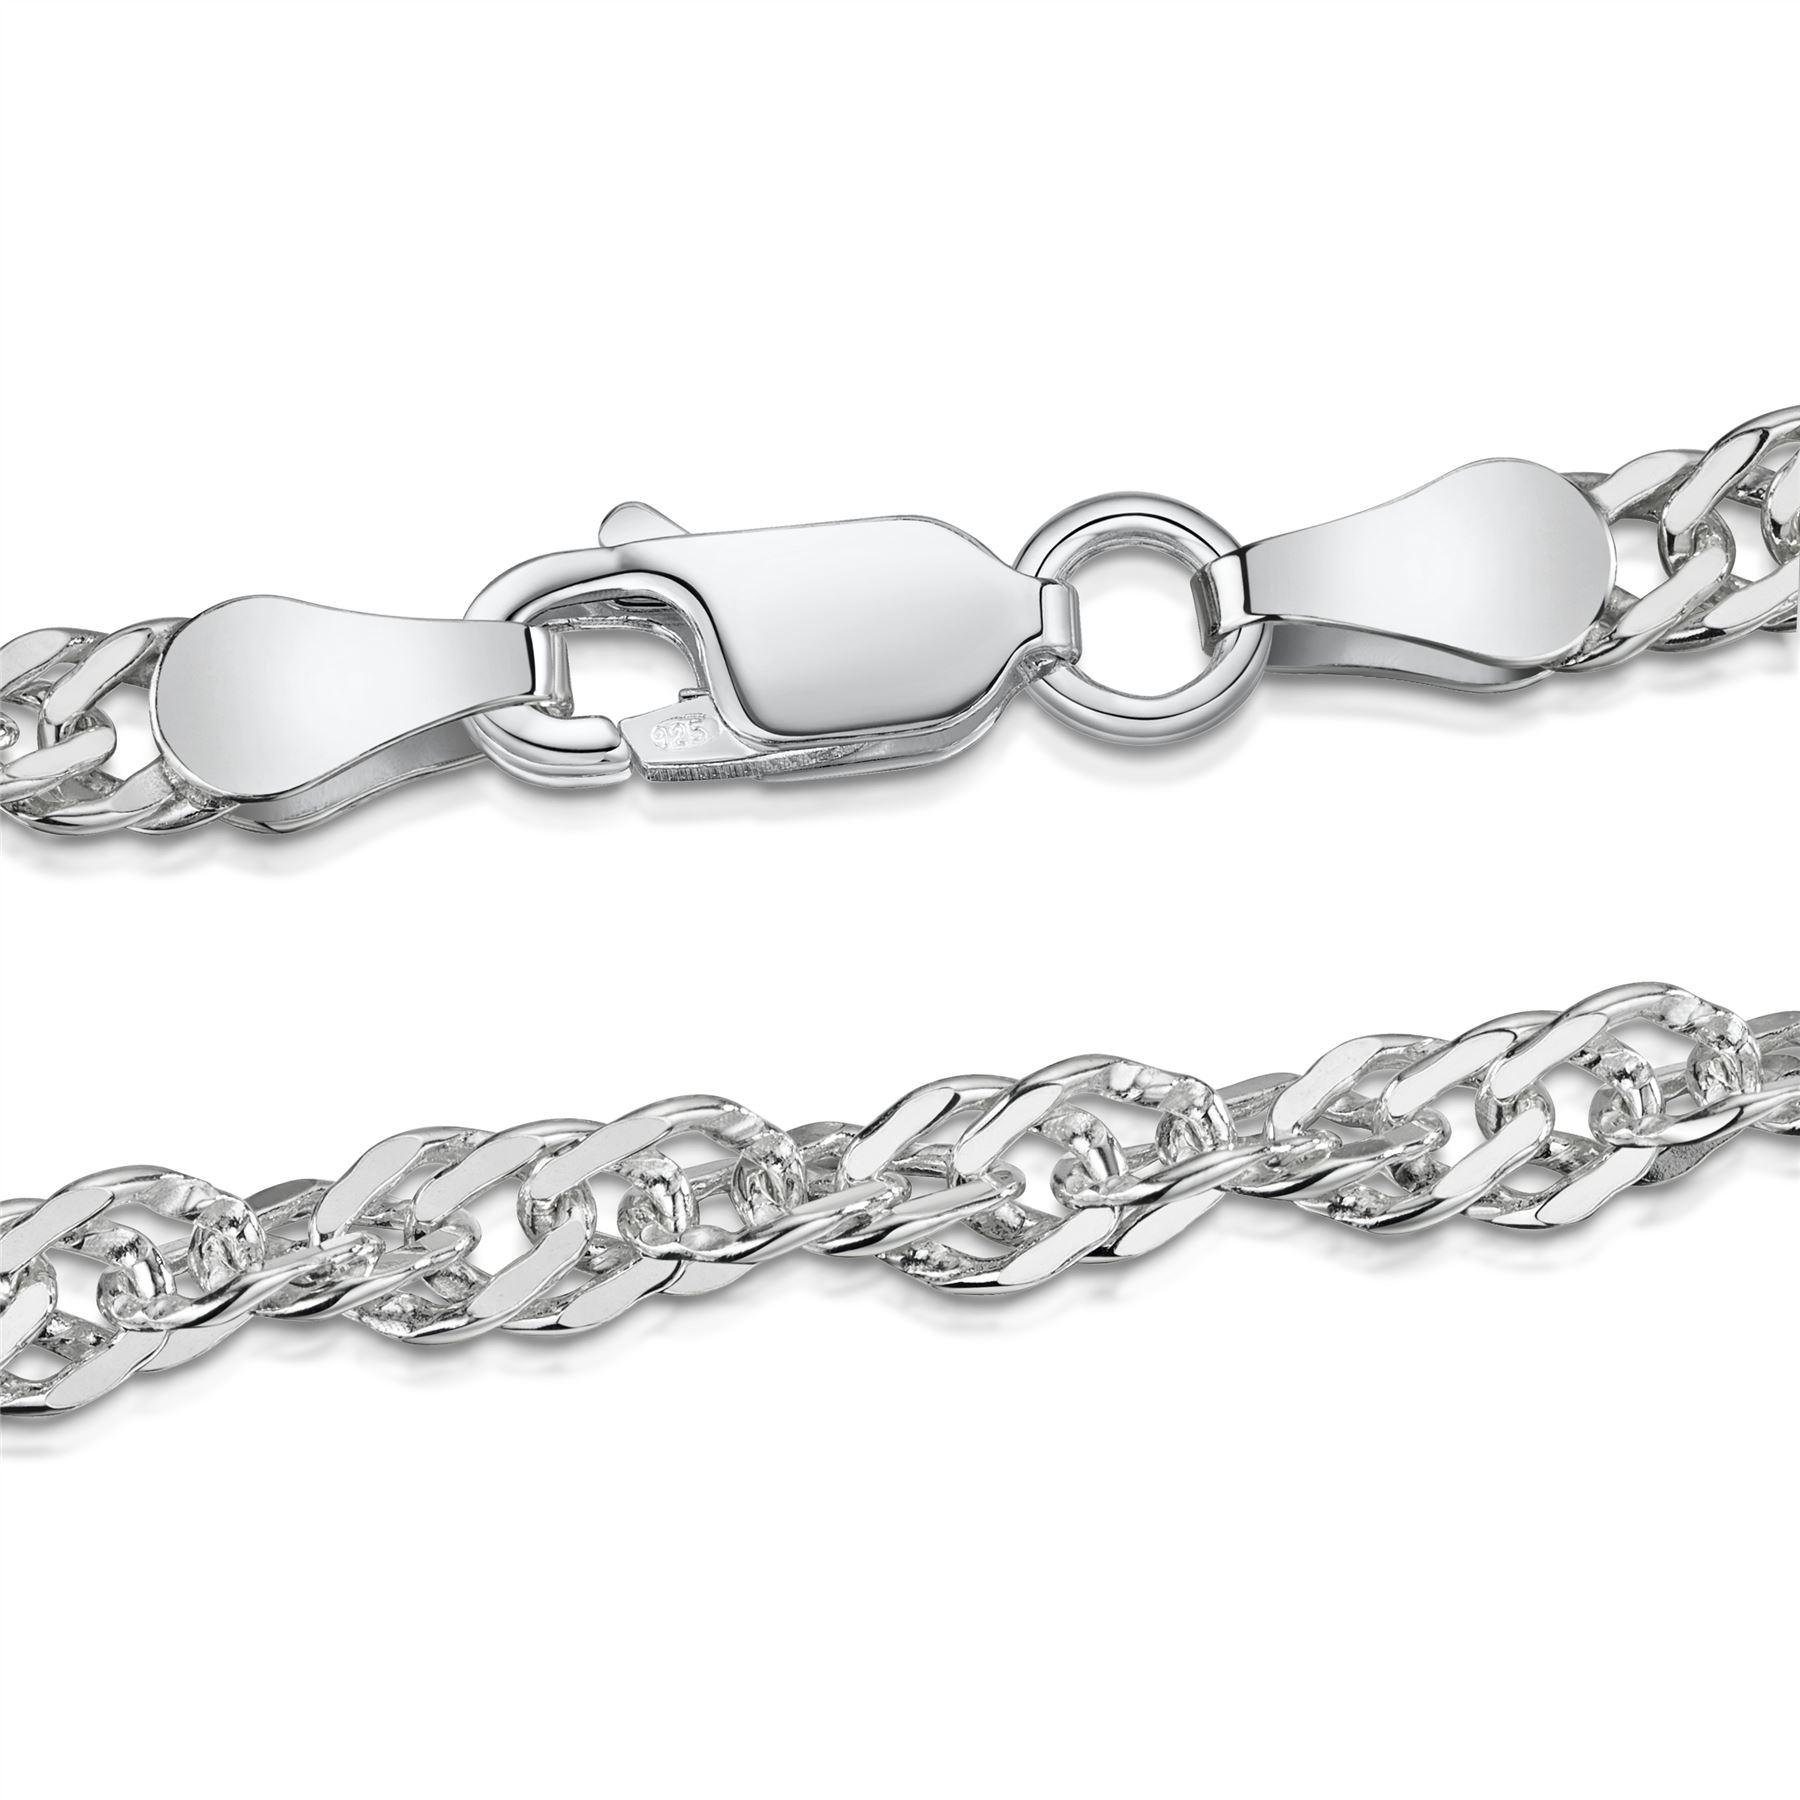 Amberta-Bijoux-Bracelet-en-Vrai-Argent-Sterling-925-Chaine-pour-Femme-a-la-Mode thumbnail 86